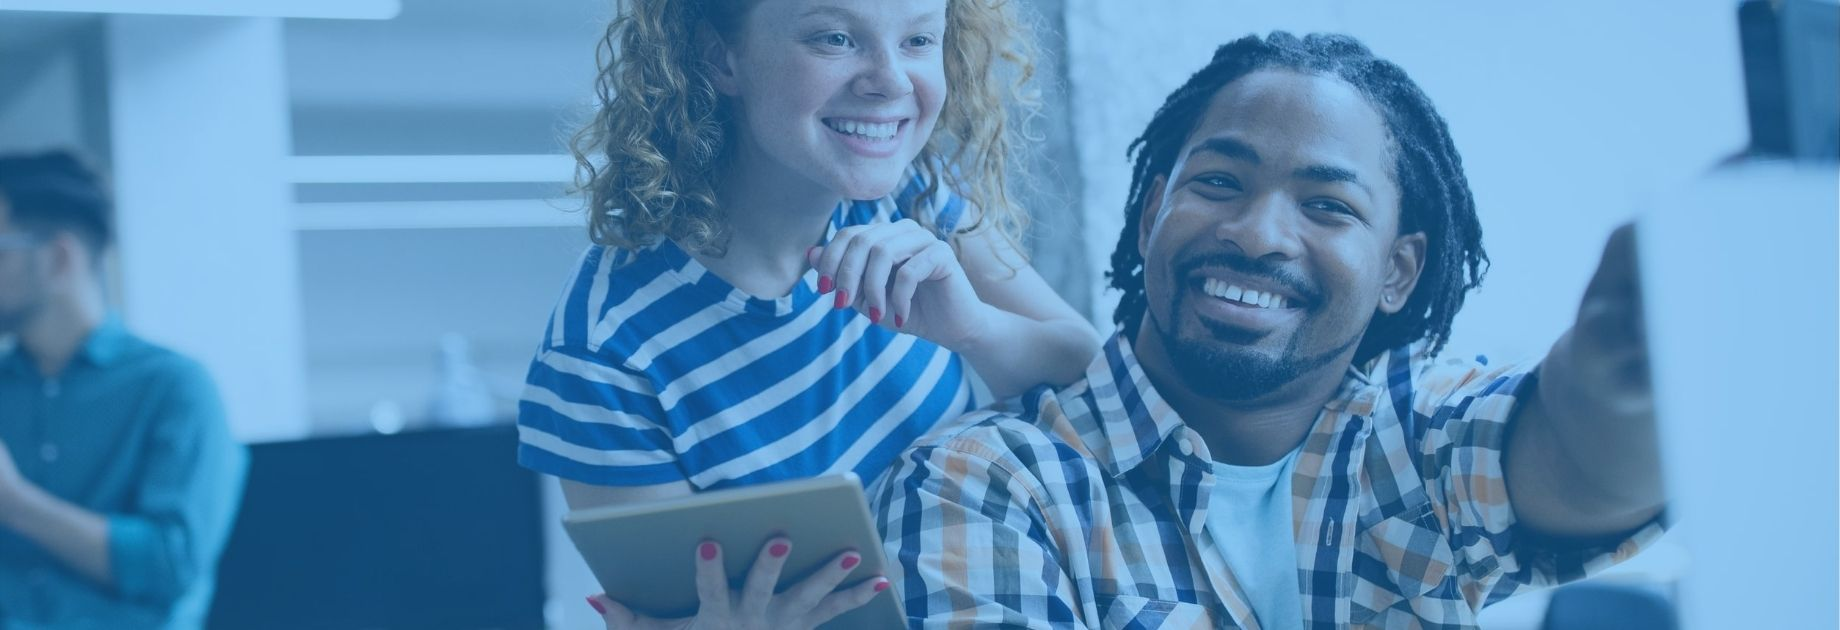 Empresas Modernas: Executivos Sorrindo em frente ao ipad